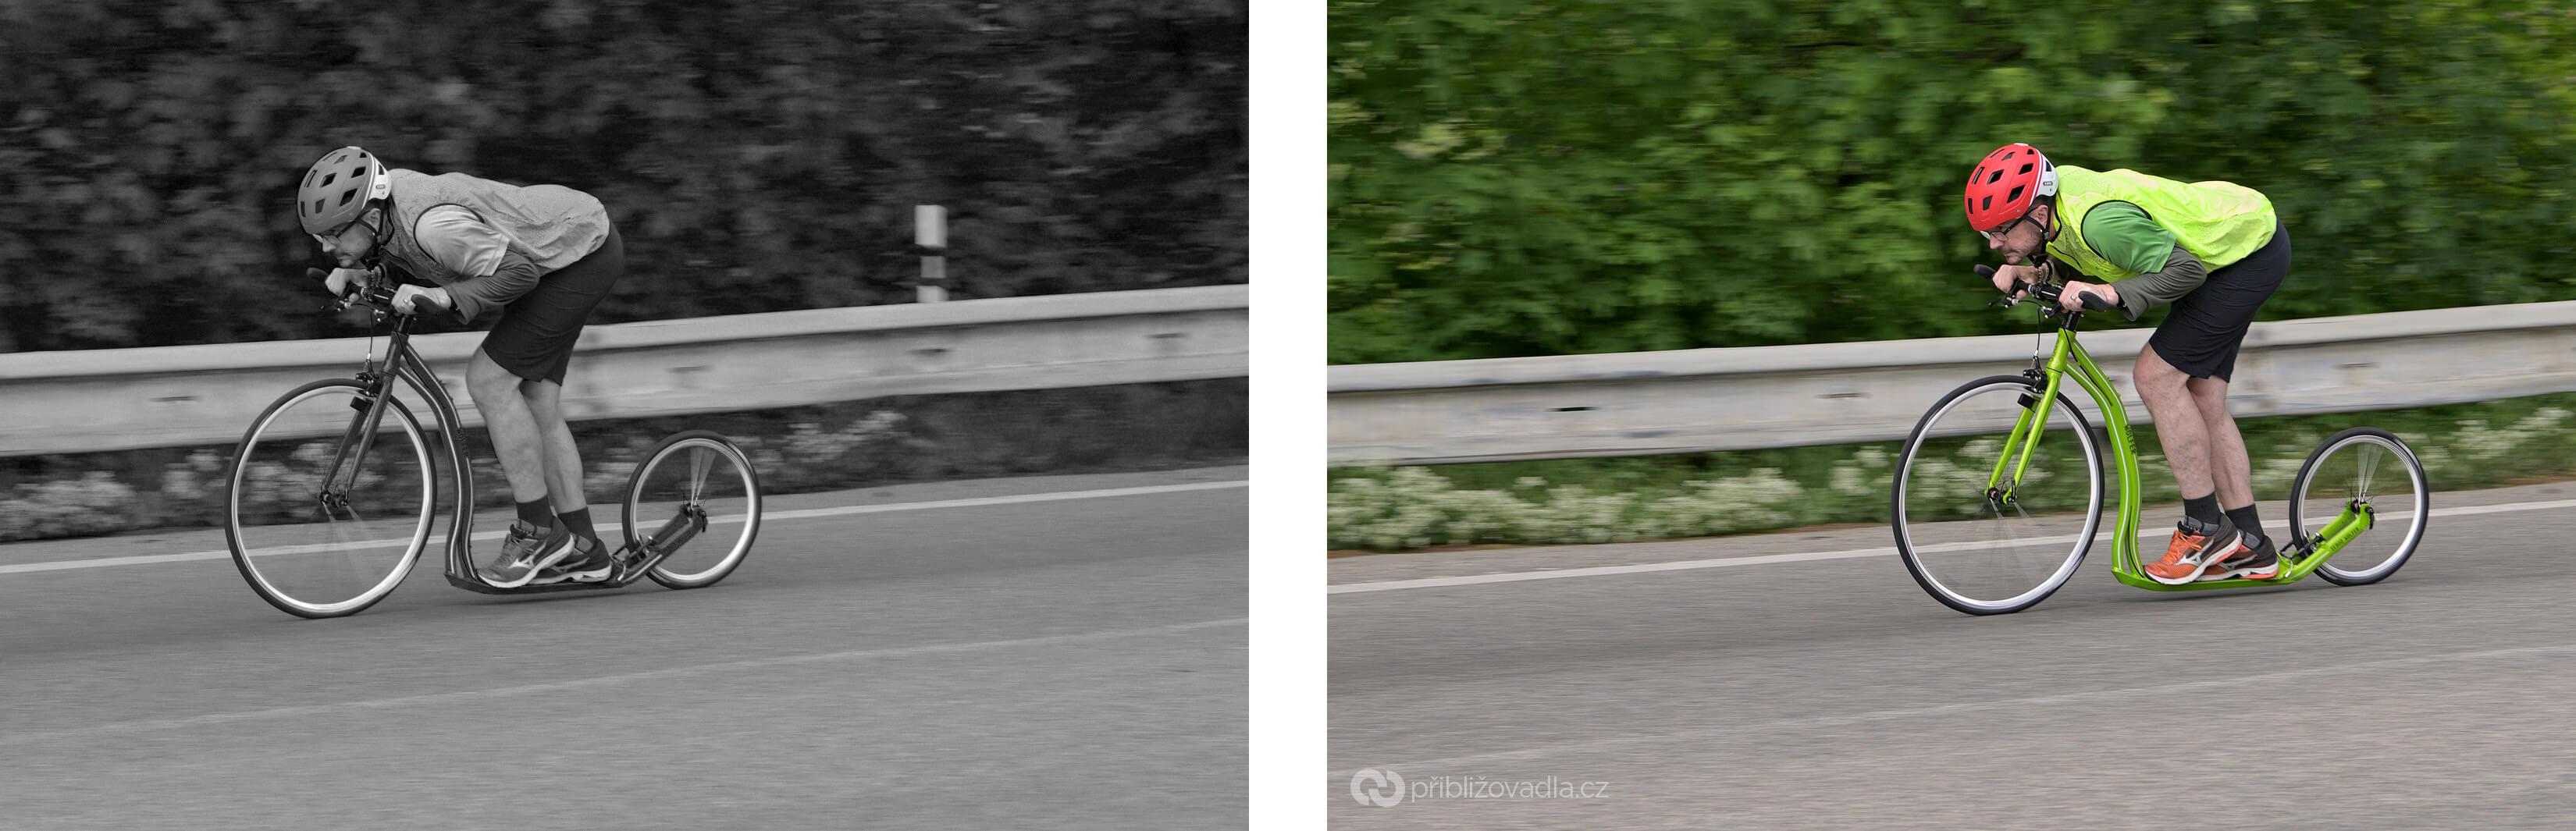 """Vlevo špatně, vpravo dobře. Pokud jste opravdoví fotografové, pak ten rozdíl """"cítíte v kostech"""""""